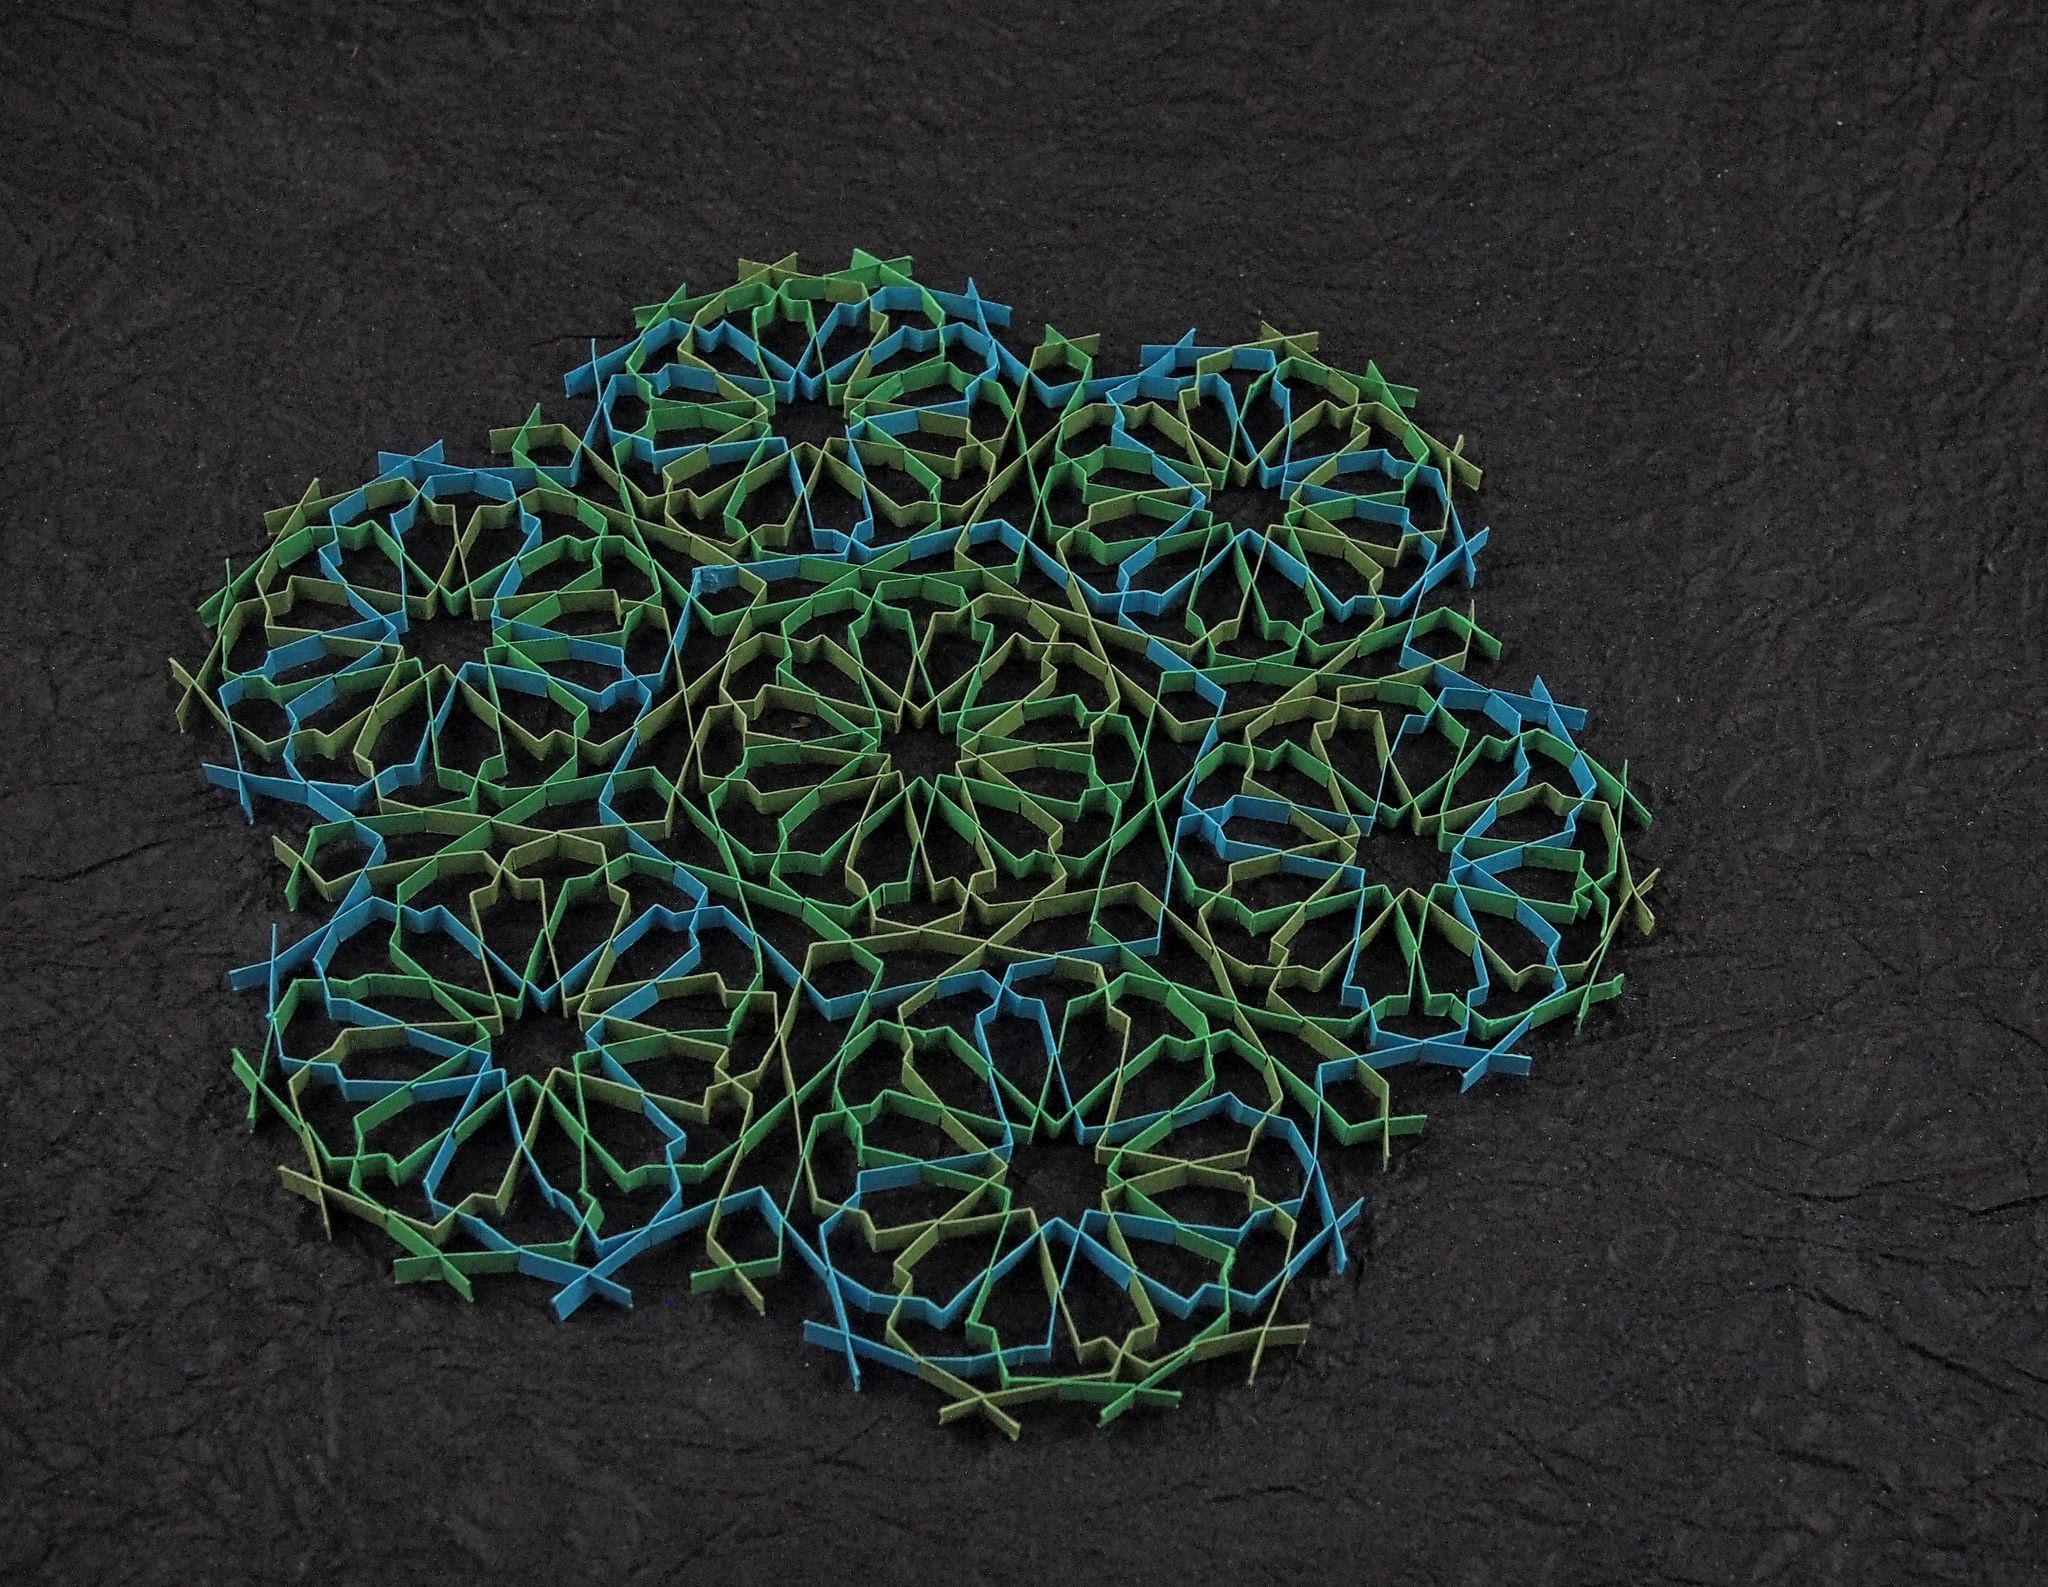 Les réalisations de papier de Yongquan Lu sur Design Maroc